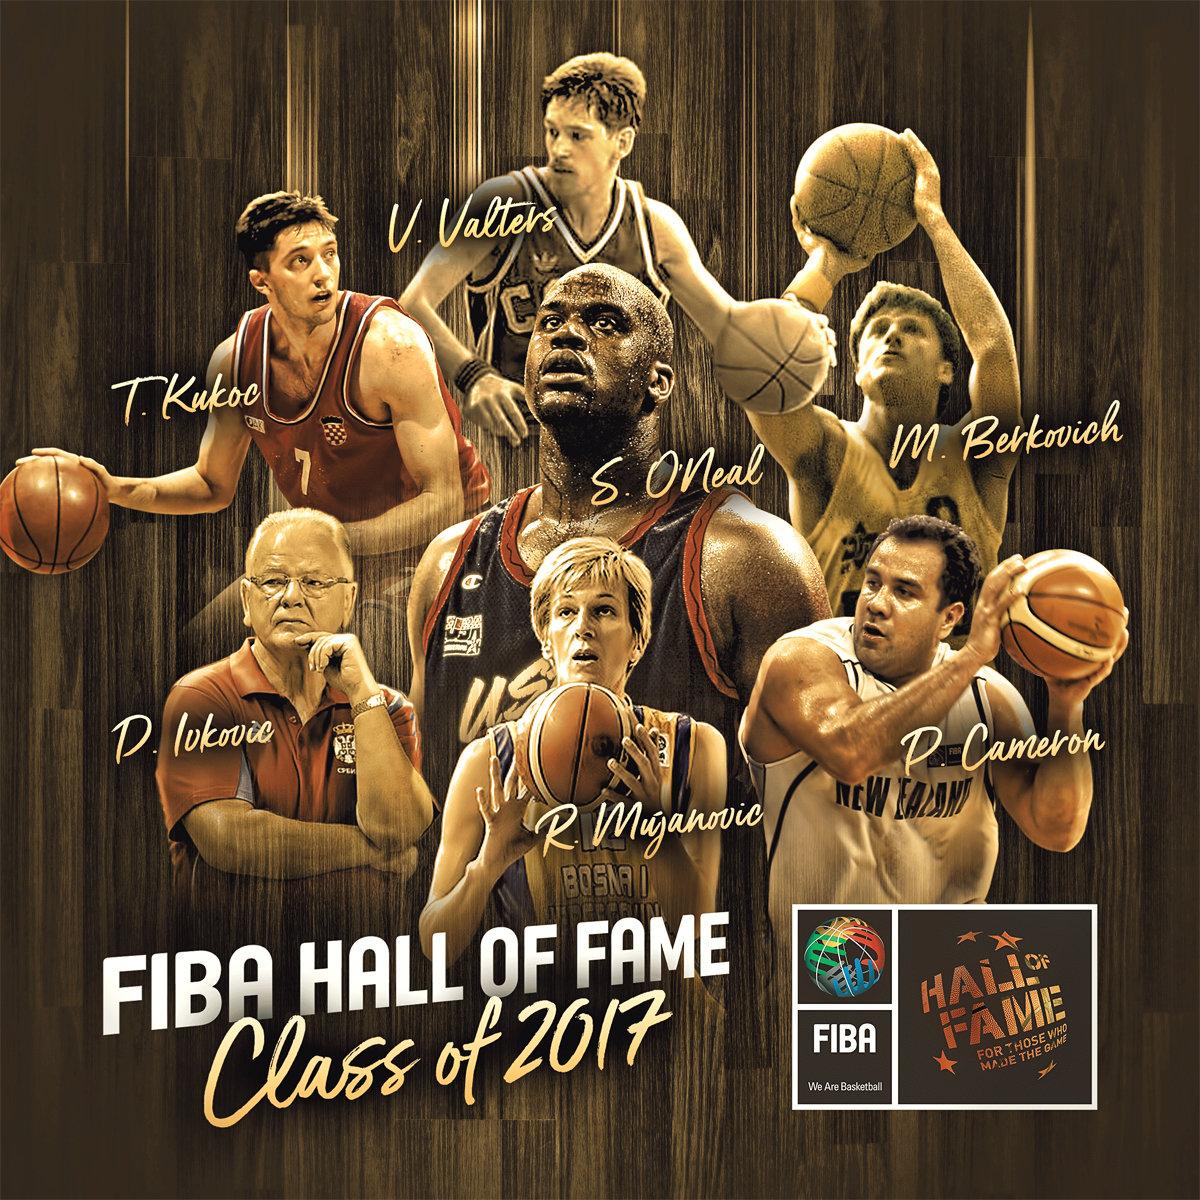 El Dream Team, Shaq y Kukoc serán inmortales en FIBA